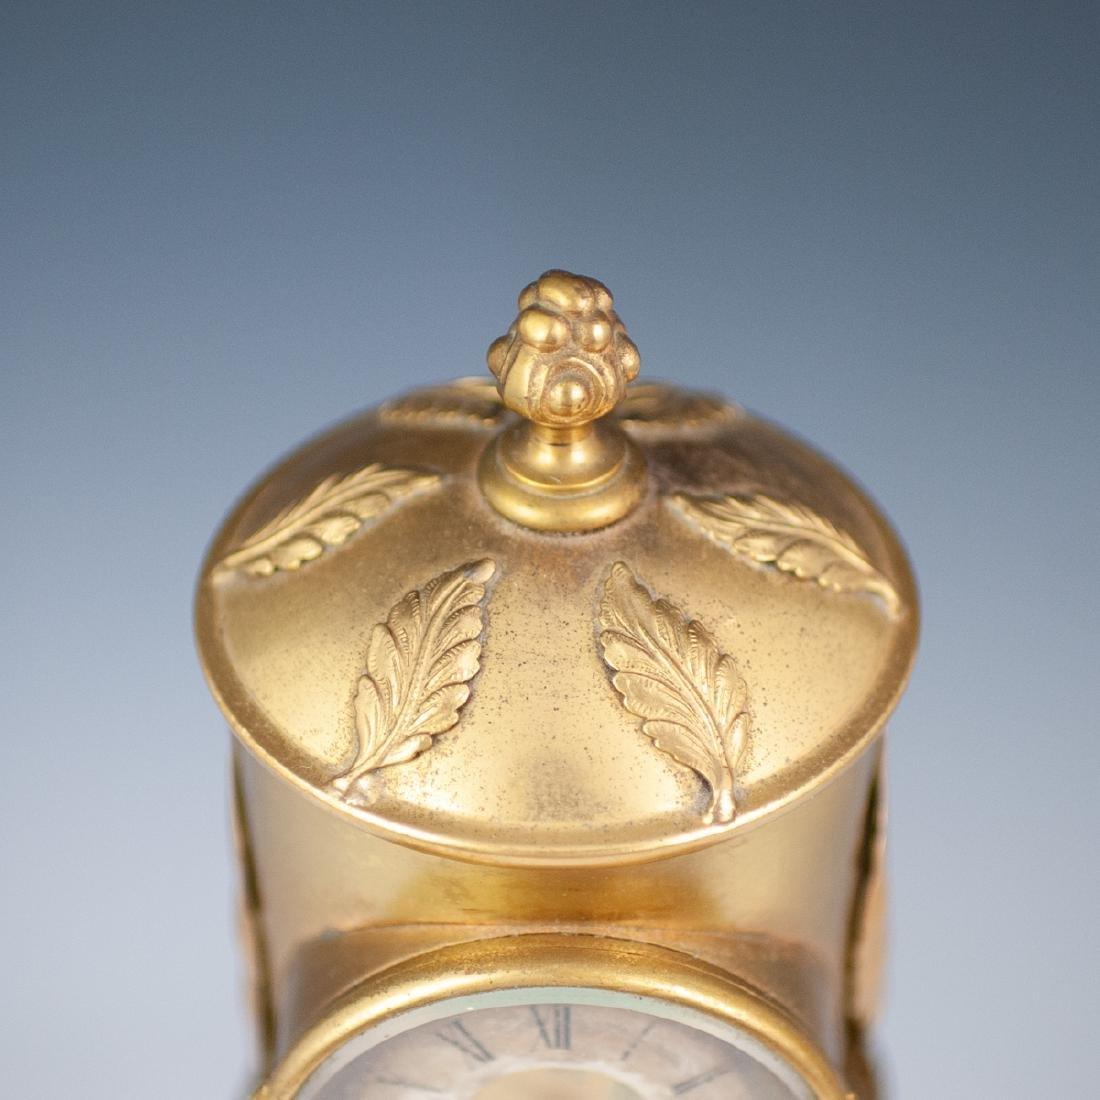 Antique Porcelain Lighthouse Clock/Barometer - 5